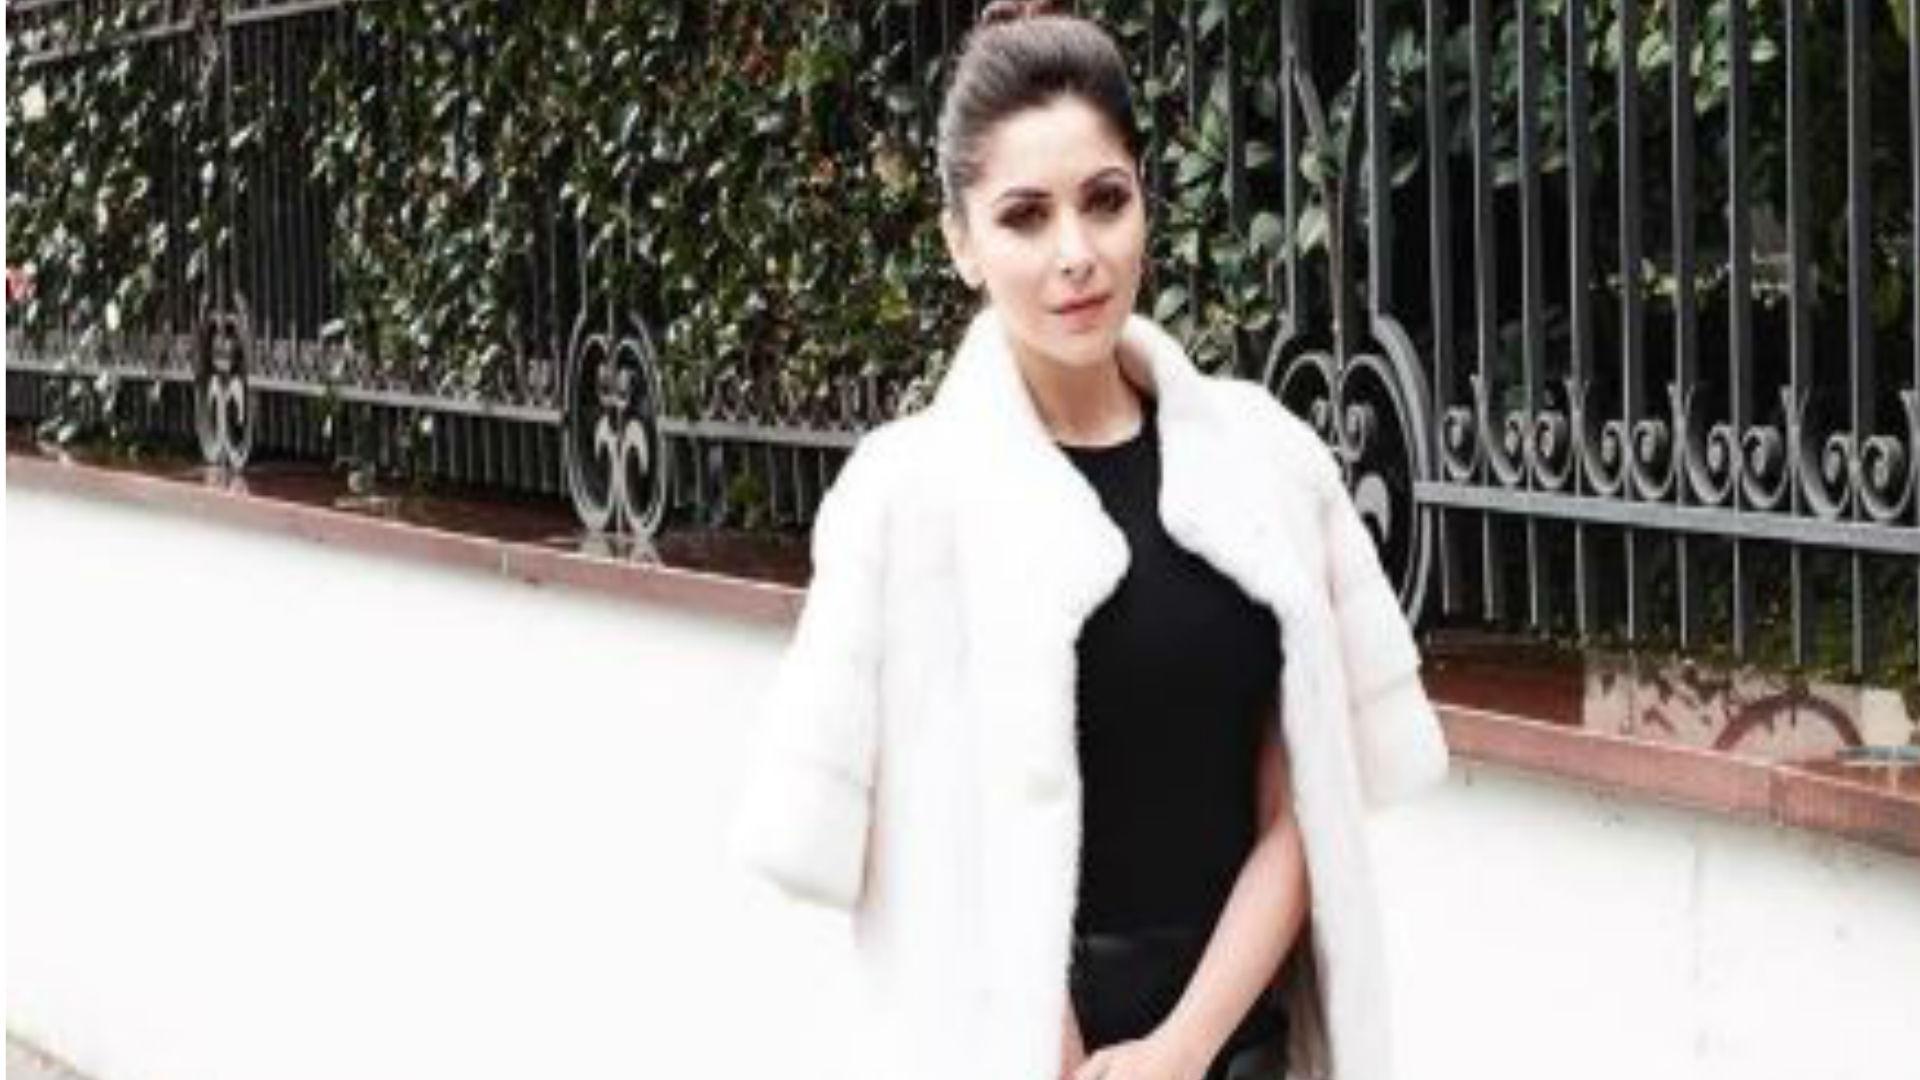 Kanika Kapoor Coronavirus: बॉलीवुड सिंगर कनिका कपूर अस्पताल से हुई डिस्चार्ज, 20 मार्च को पाई गई थीं कोरोना संक्रमित